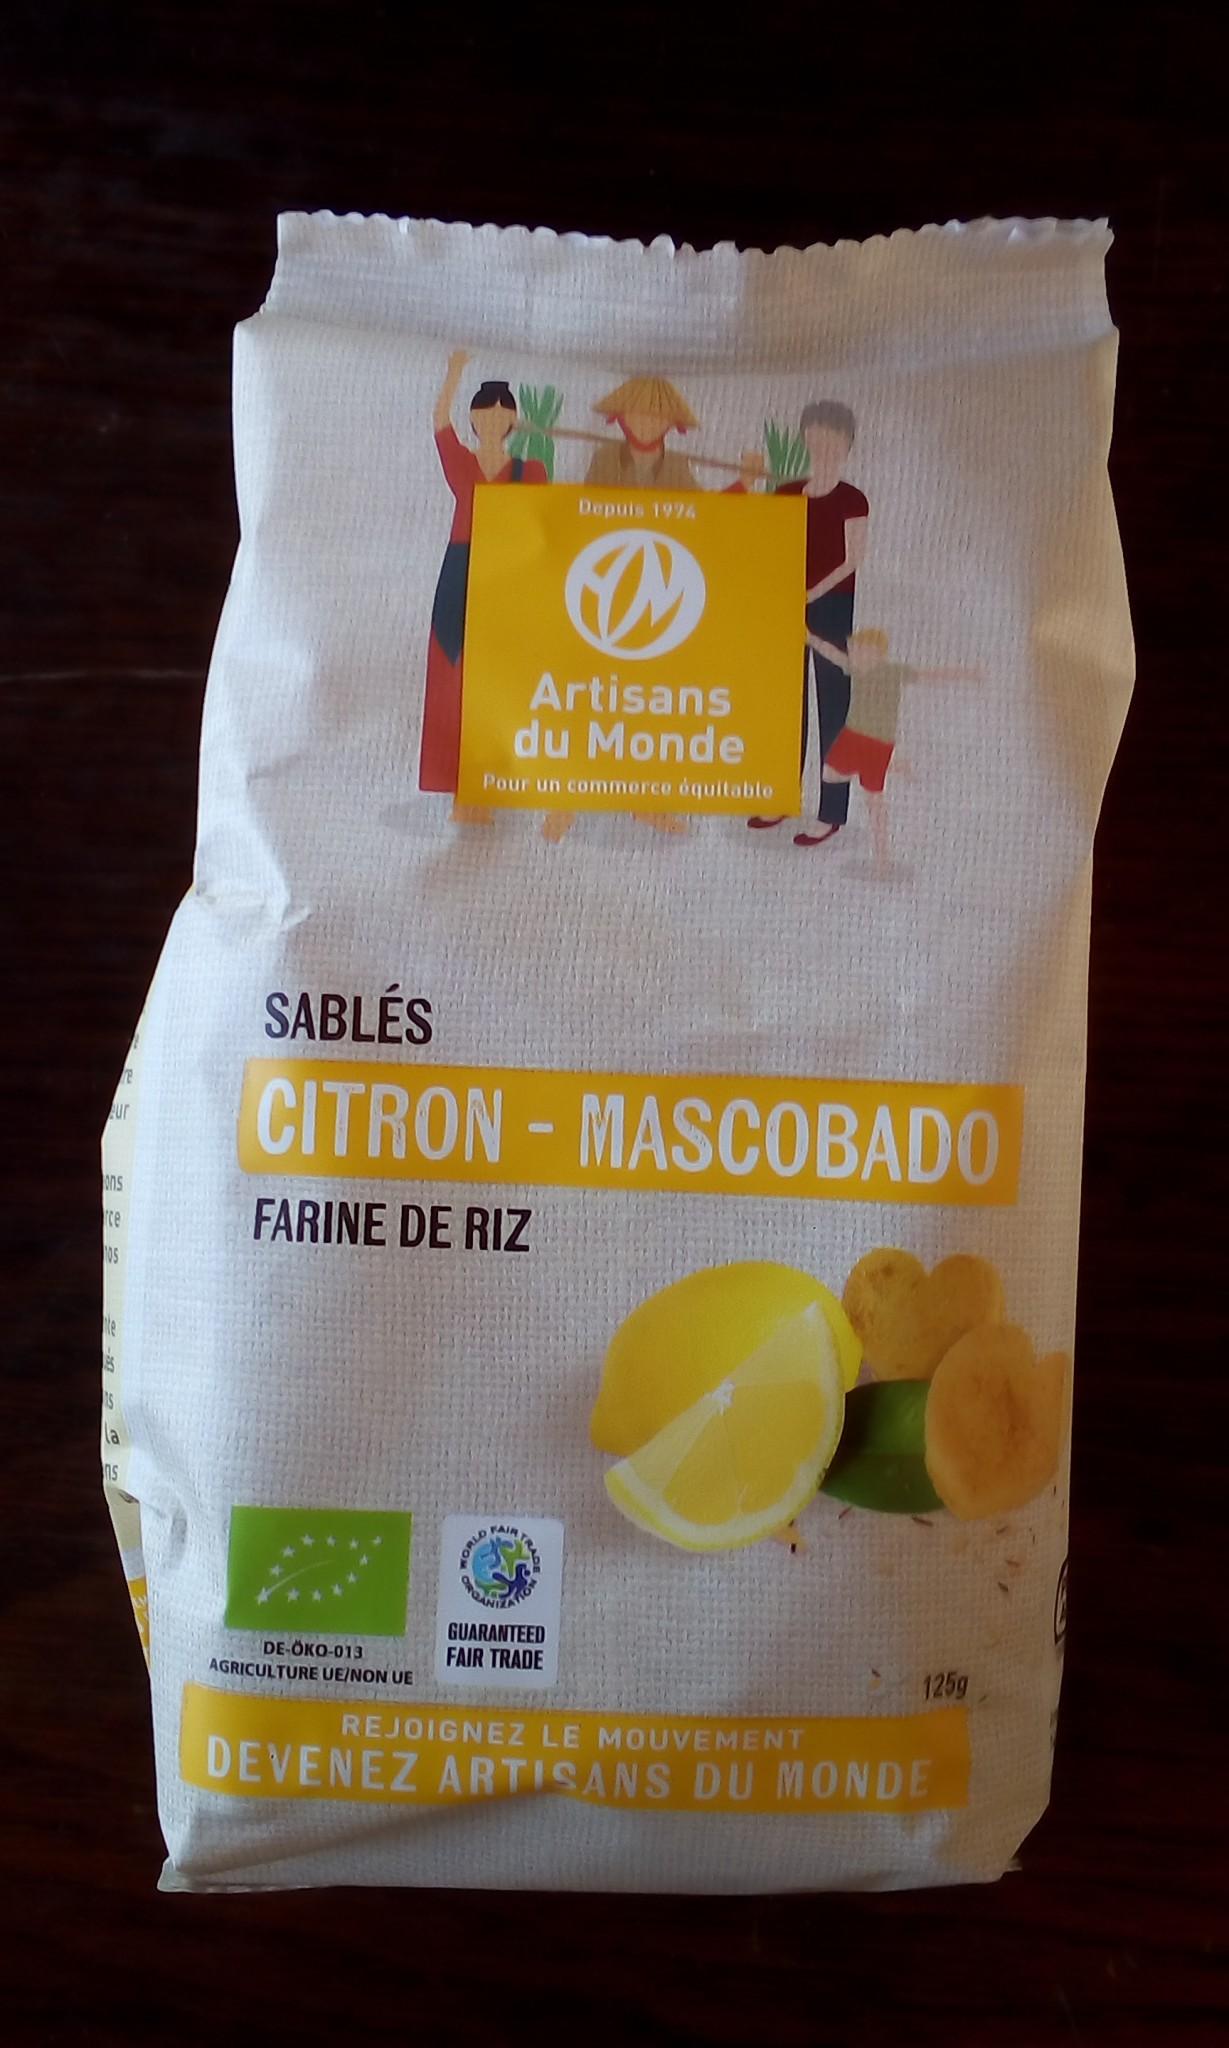 Sablé citron mascobado